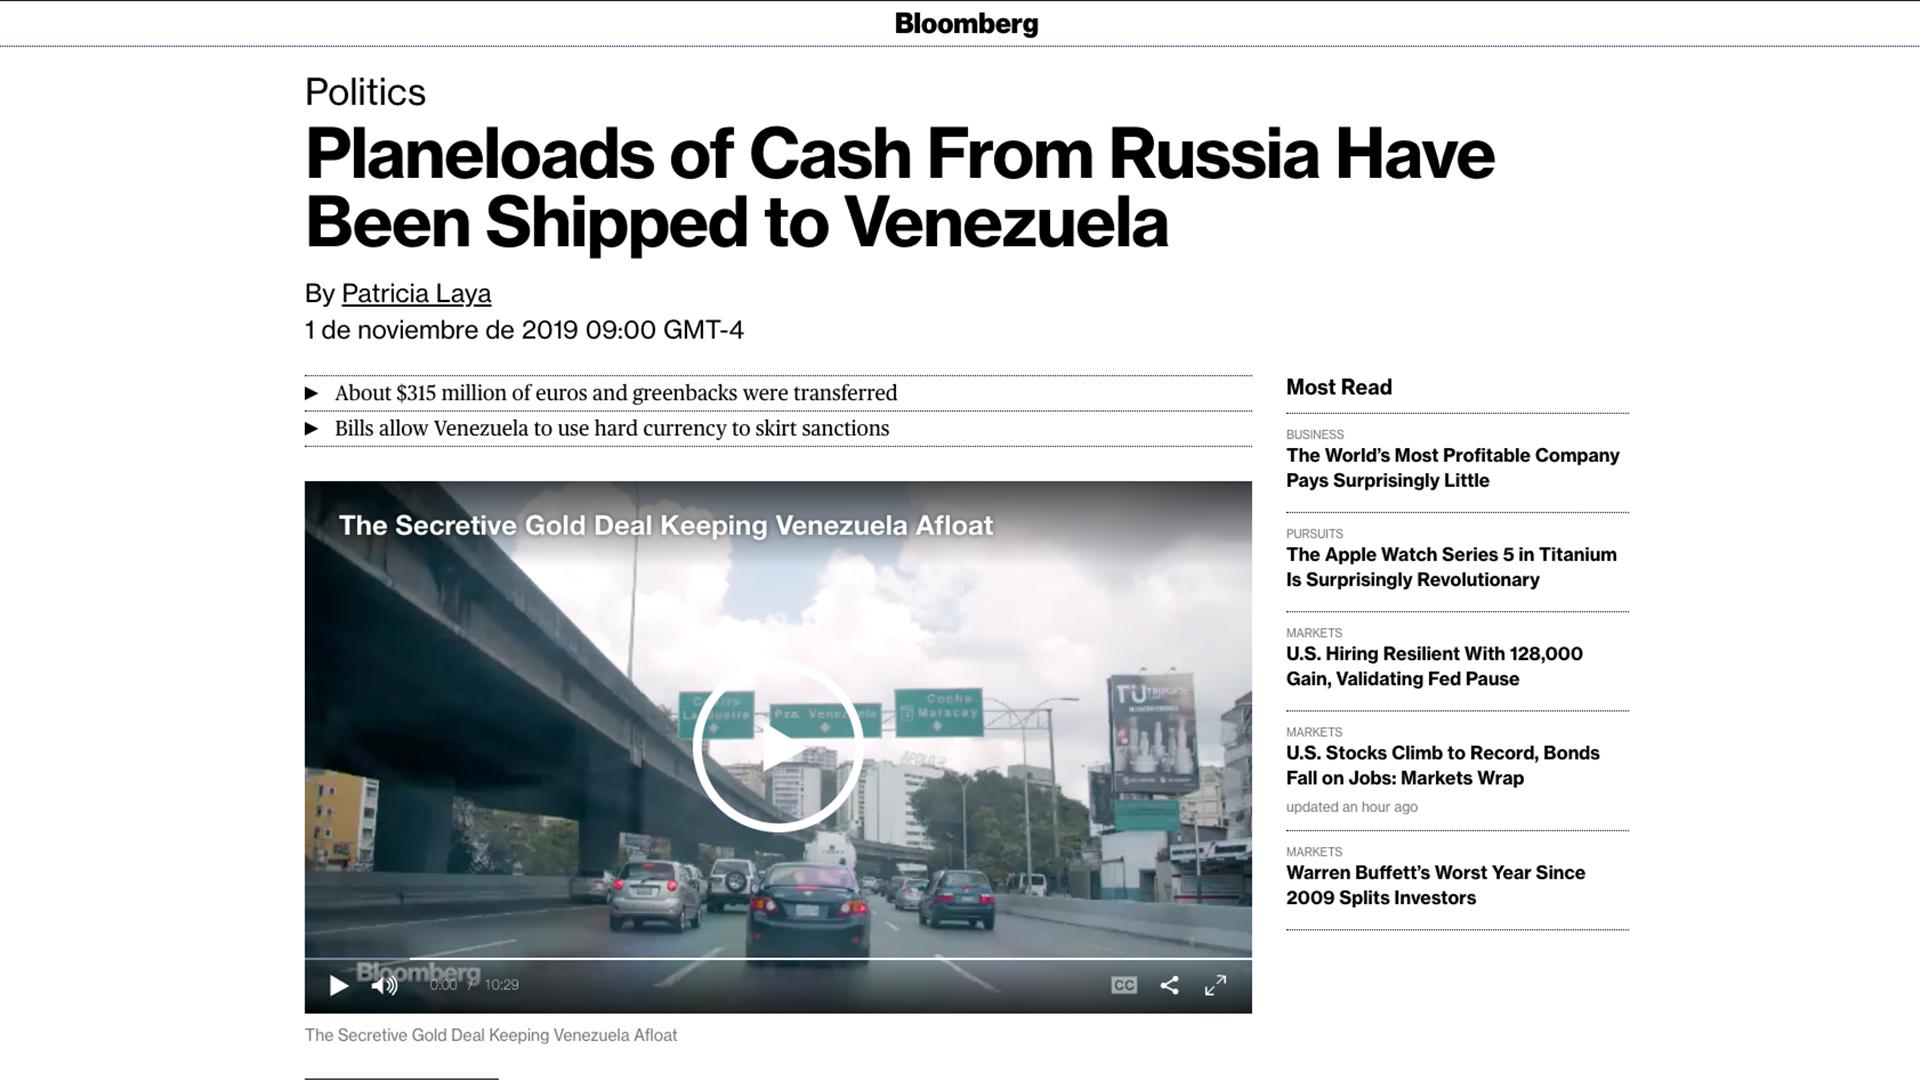 """Bloomberg confirma lo que era un rumor: Rusia envía aviones repletos de """"cash"""" al gobierno de Maduro"""